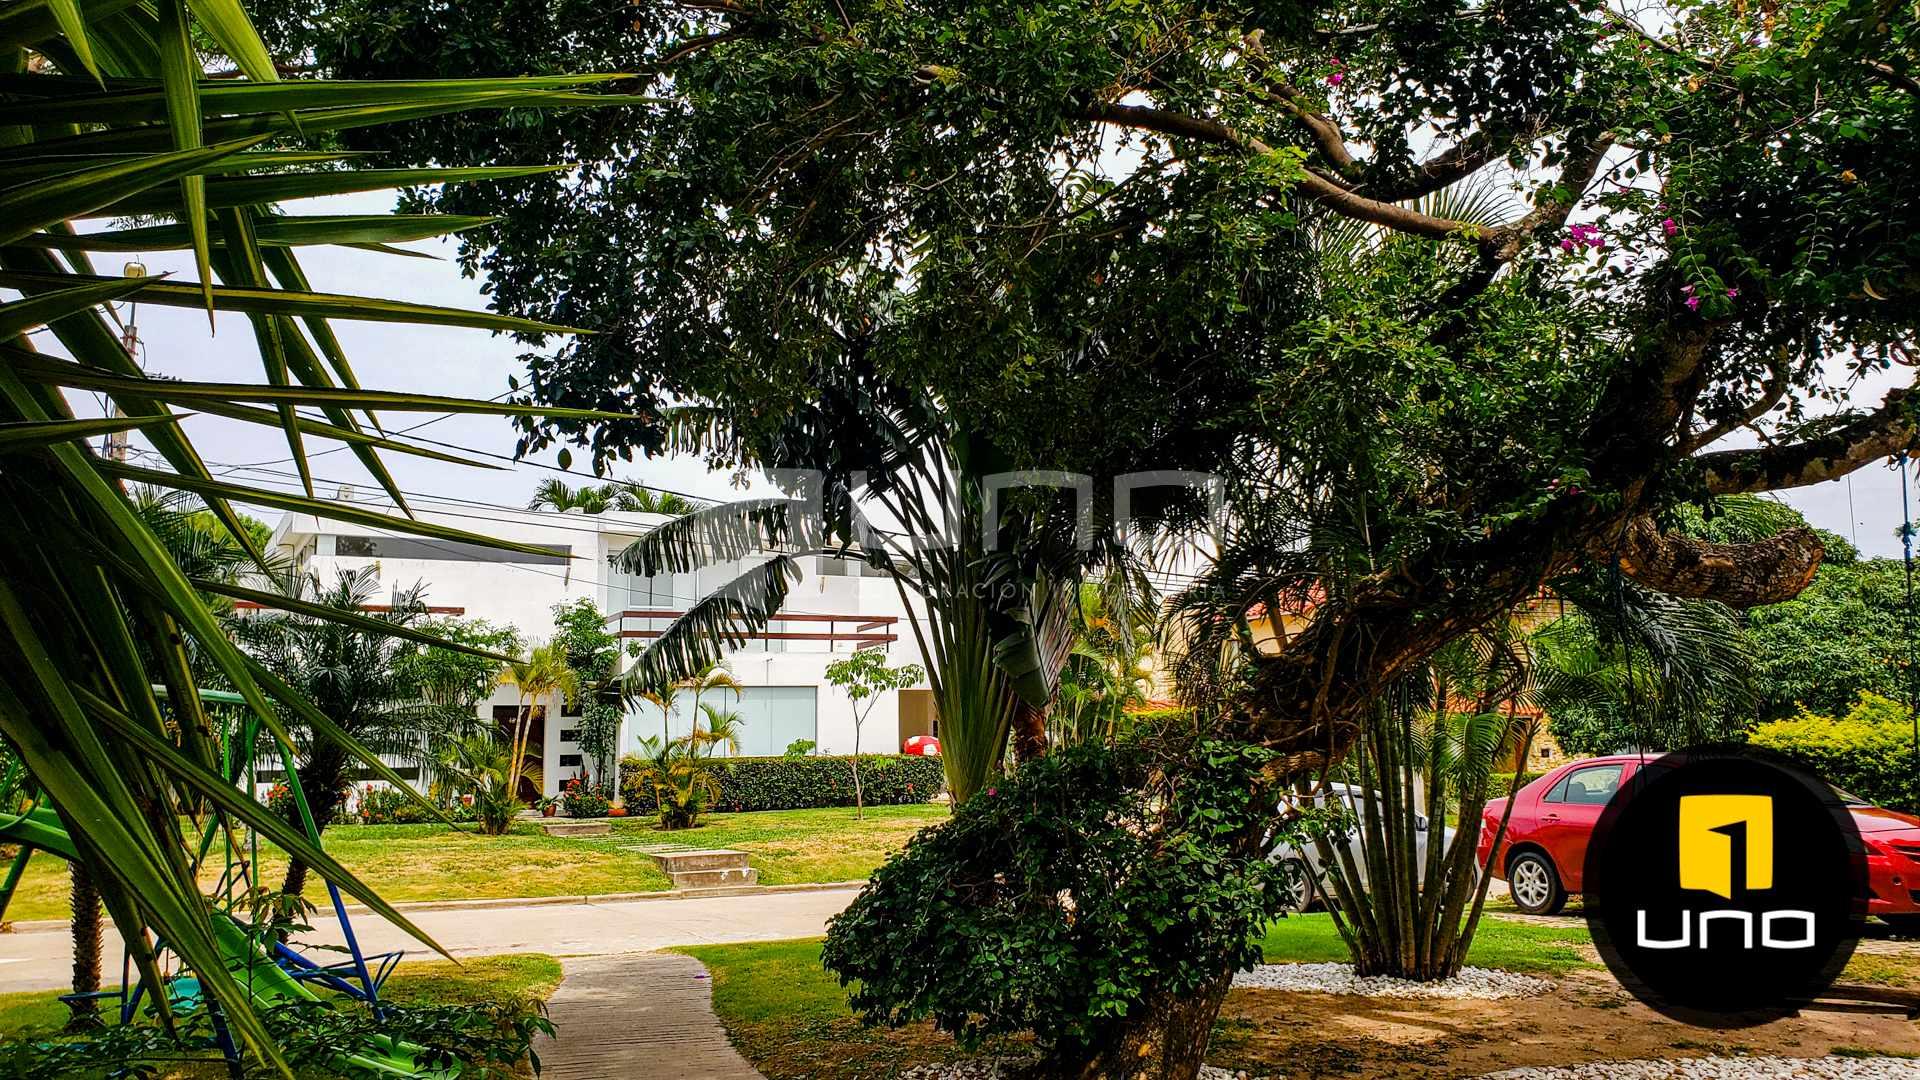 Casa en Venta LOS PARQUES DEL URUBO VENDO CASA DE UNA PLANTA Foto 2